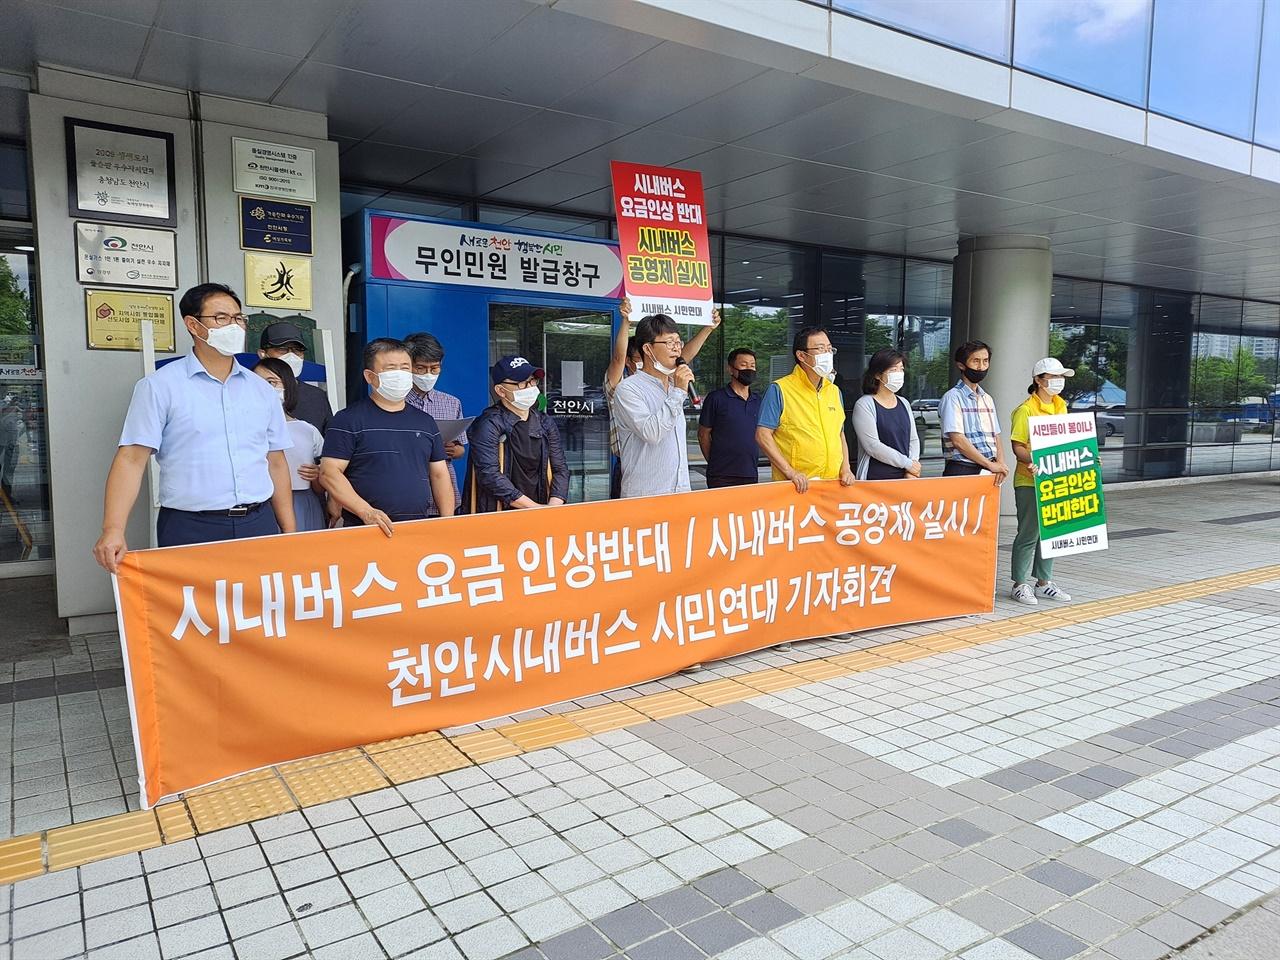 천안시민연대가 천안시청 앞에서 기자회견을 열고 있다.